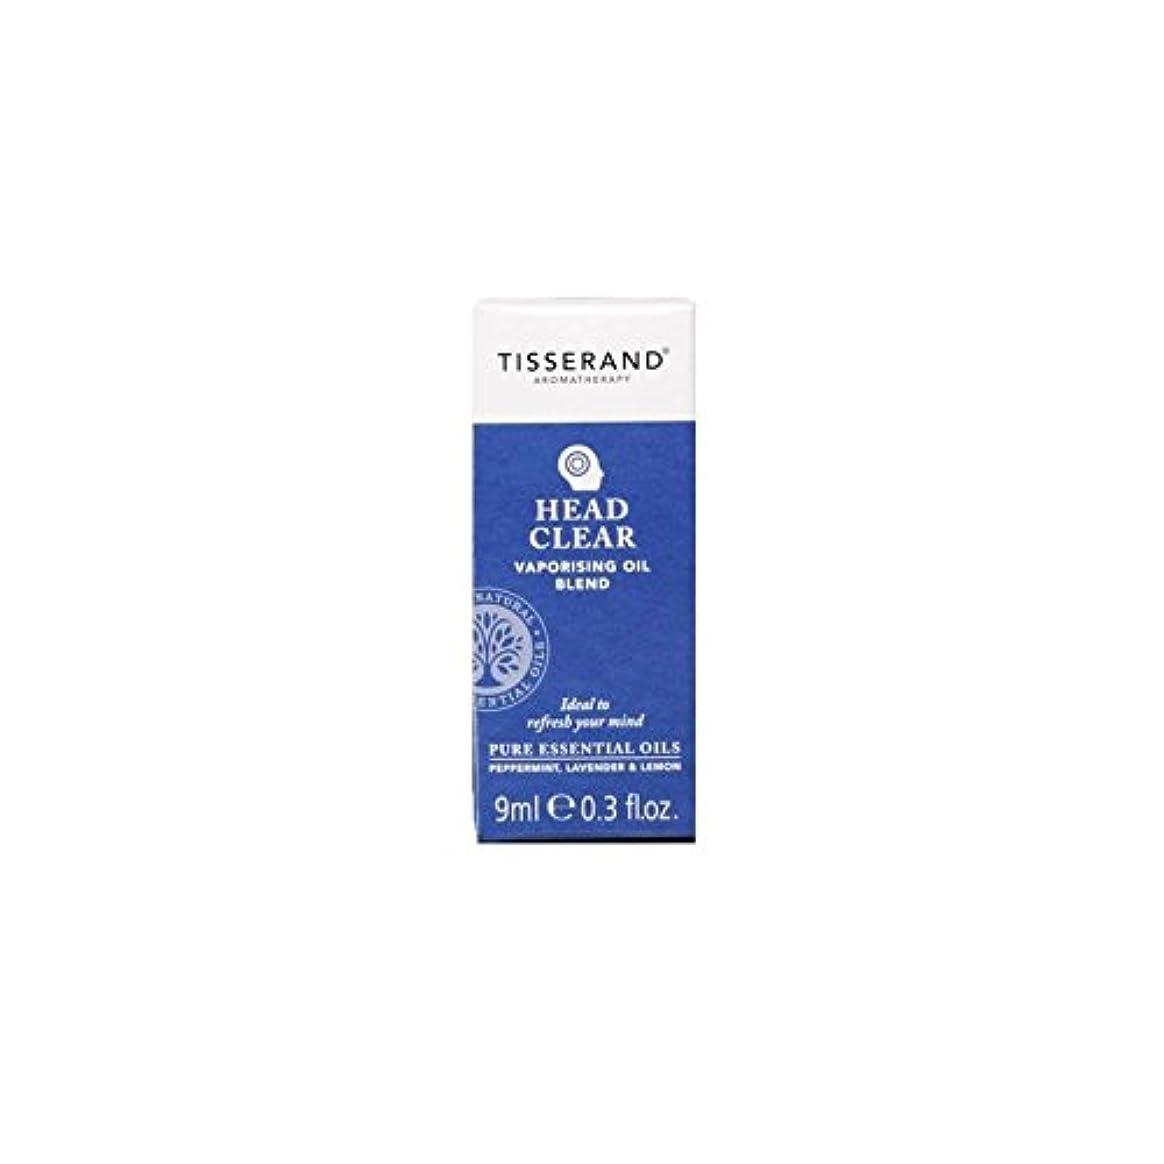 引退した入浴曲げるヘッド明確な気化油の9ミリリットル (Tisserand) (x 6) - Tisserand Head Clear Vaporising Oil 9ml (Pack of 6) [並行輸入品]